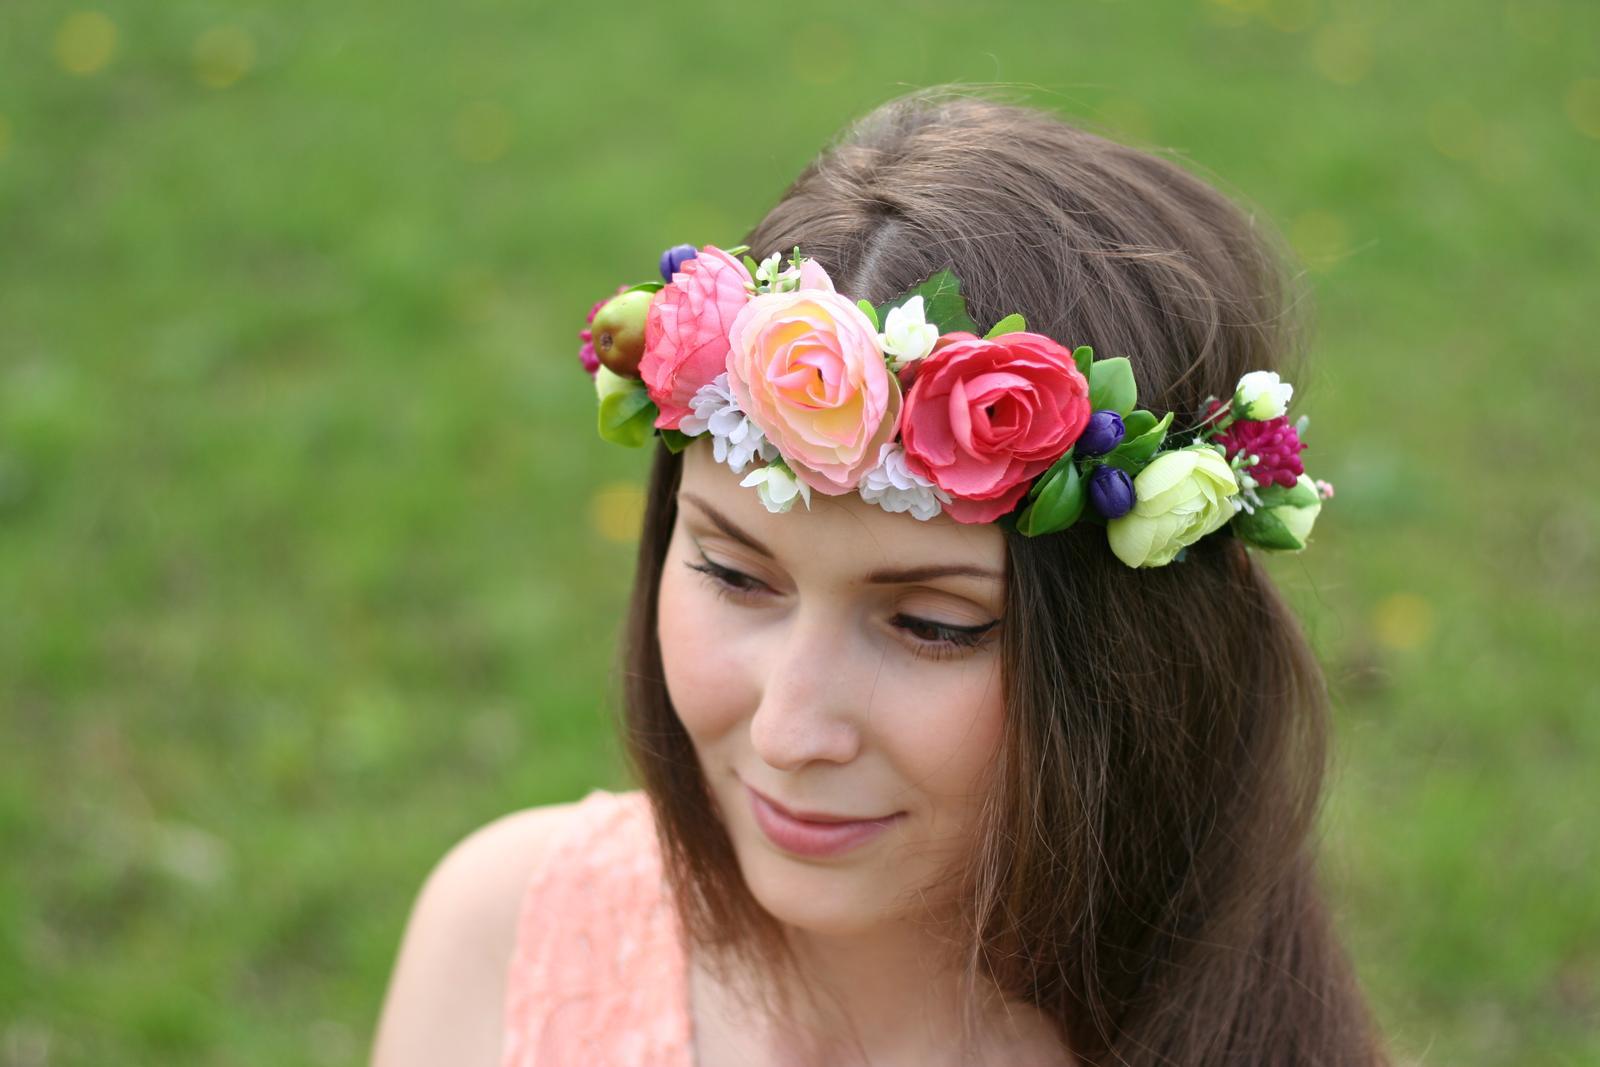 Dnešné fotenie originálnych kvetinových venčekov....nevestičky, čo poviete, hodili by sa aj na vašu a svadbu? - Obrázok č. 2